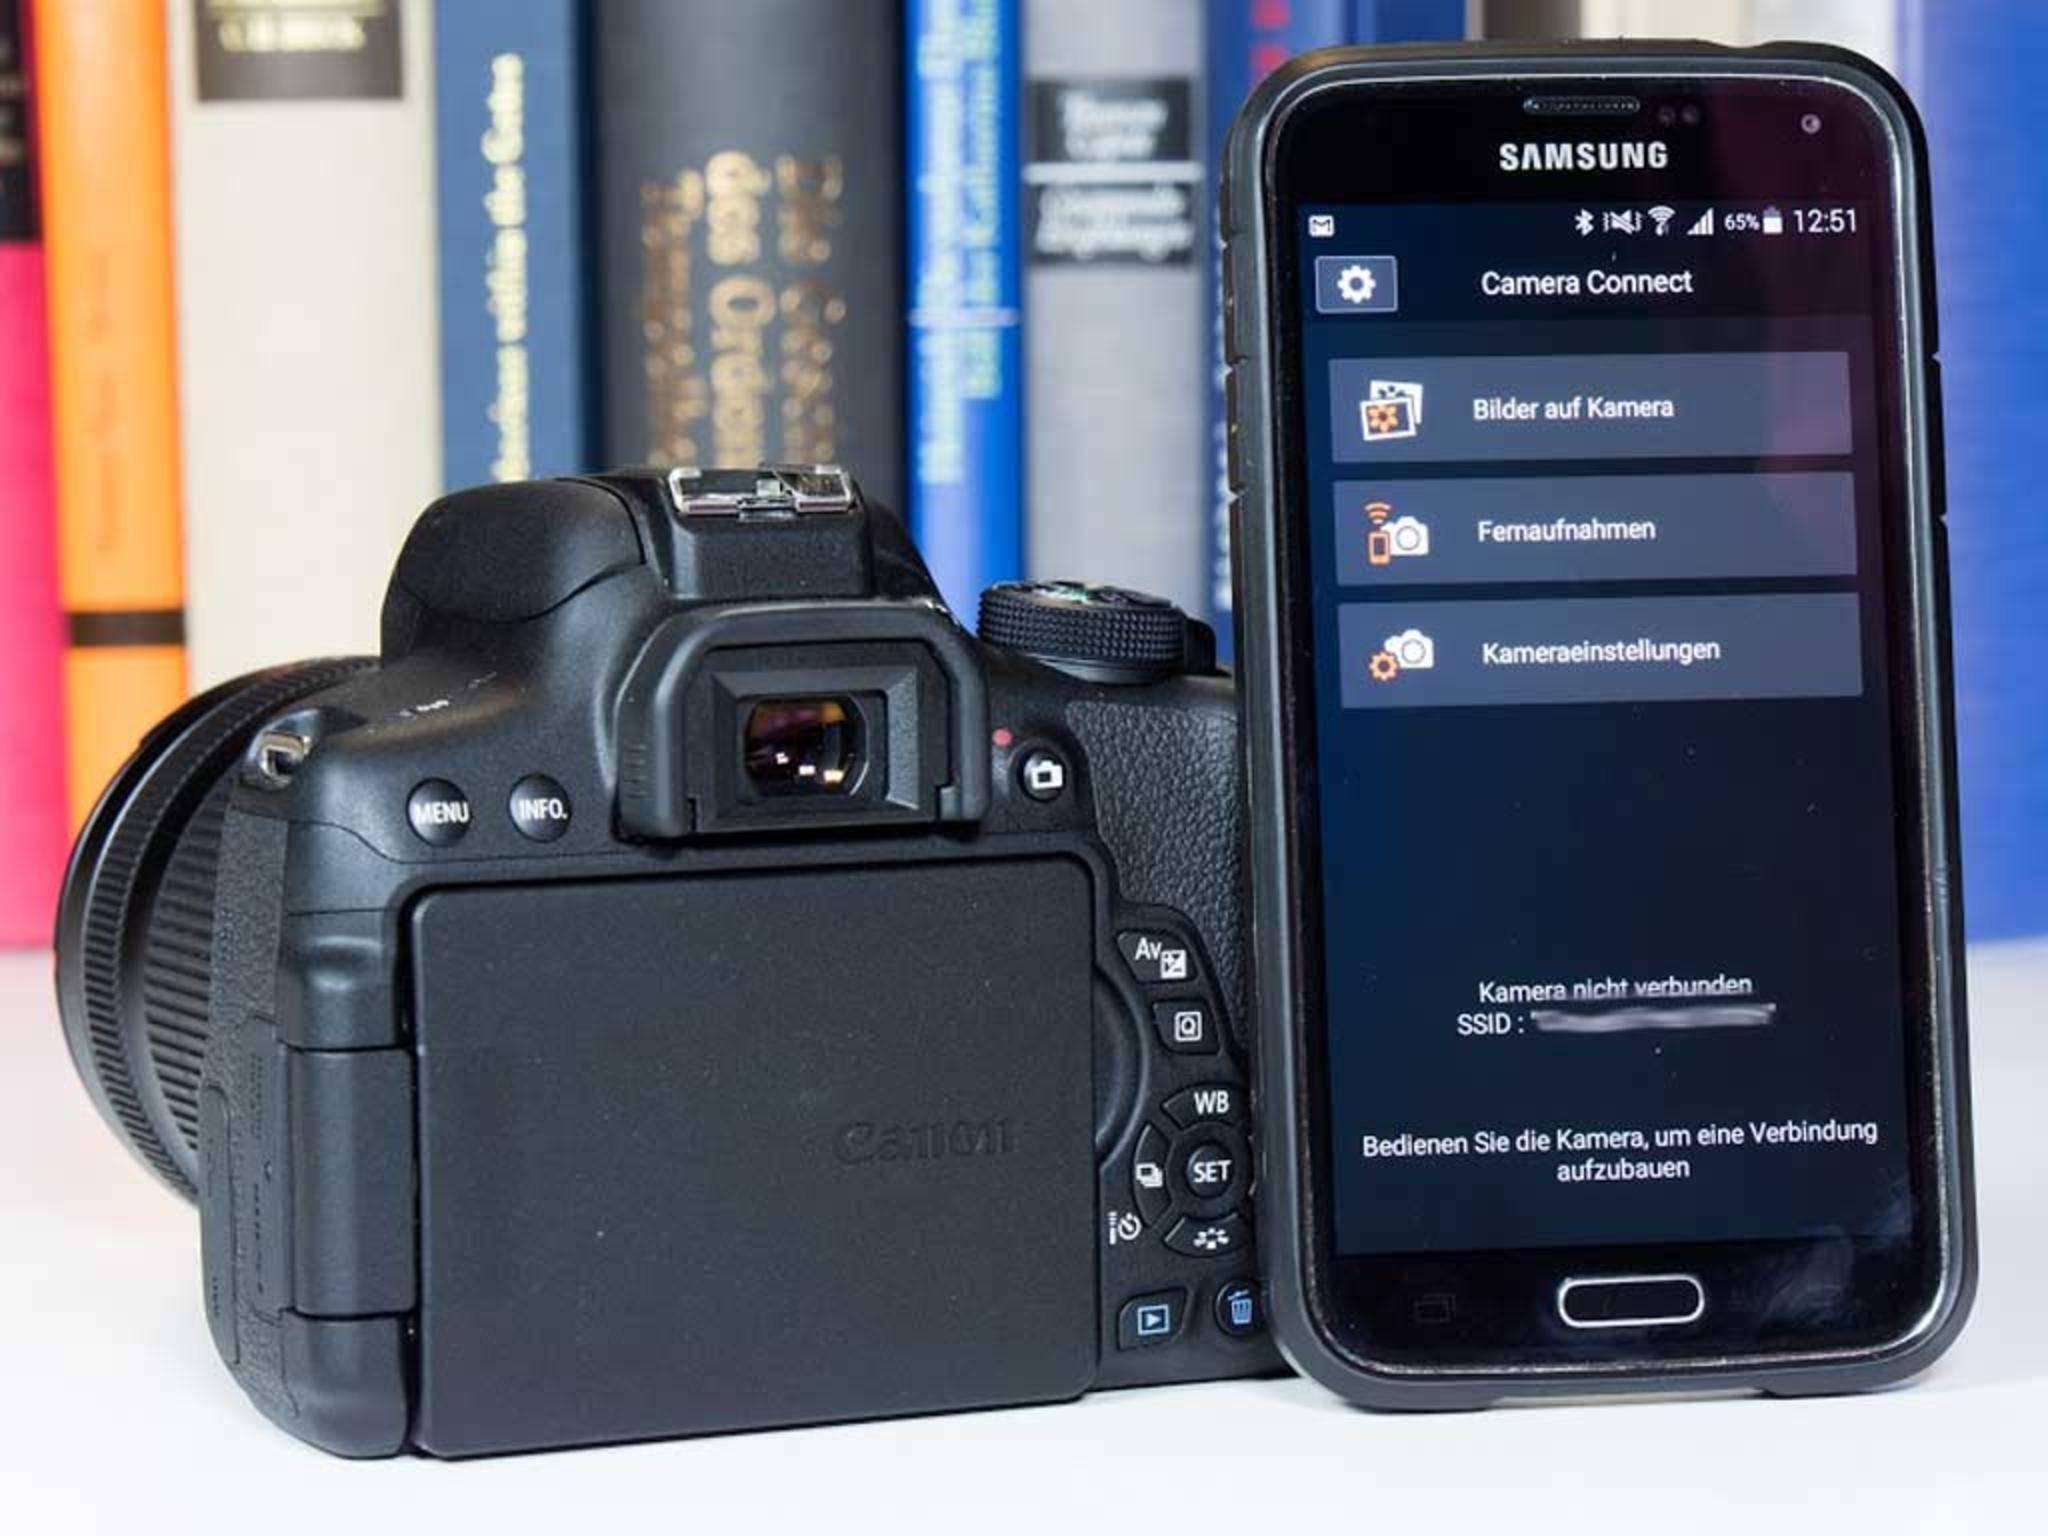 ... funktioniert dann aber recht gut, solange die Kamera und das Smartphone direkt verbunden sind. Dann lassen sich etwa ...